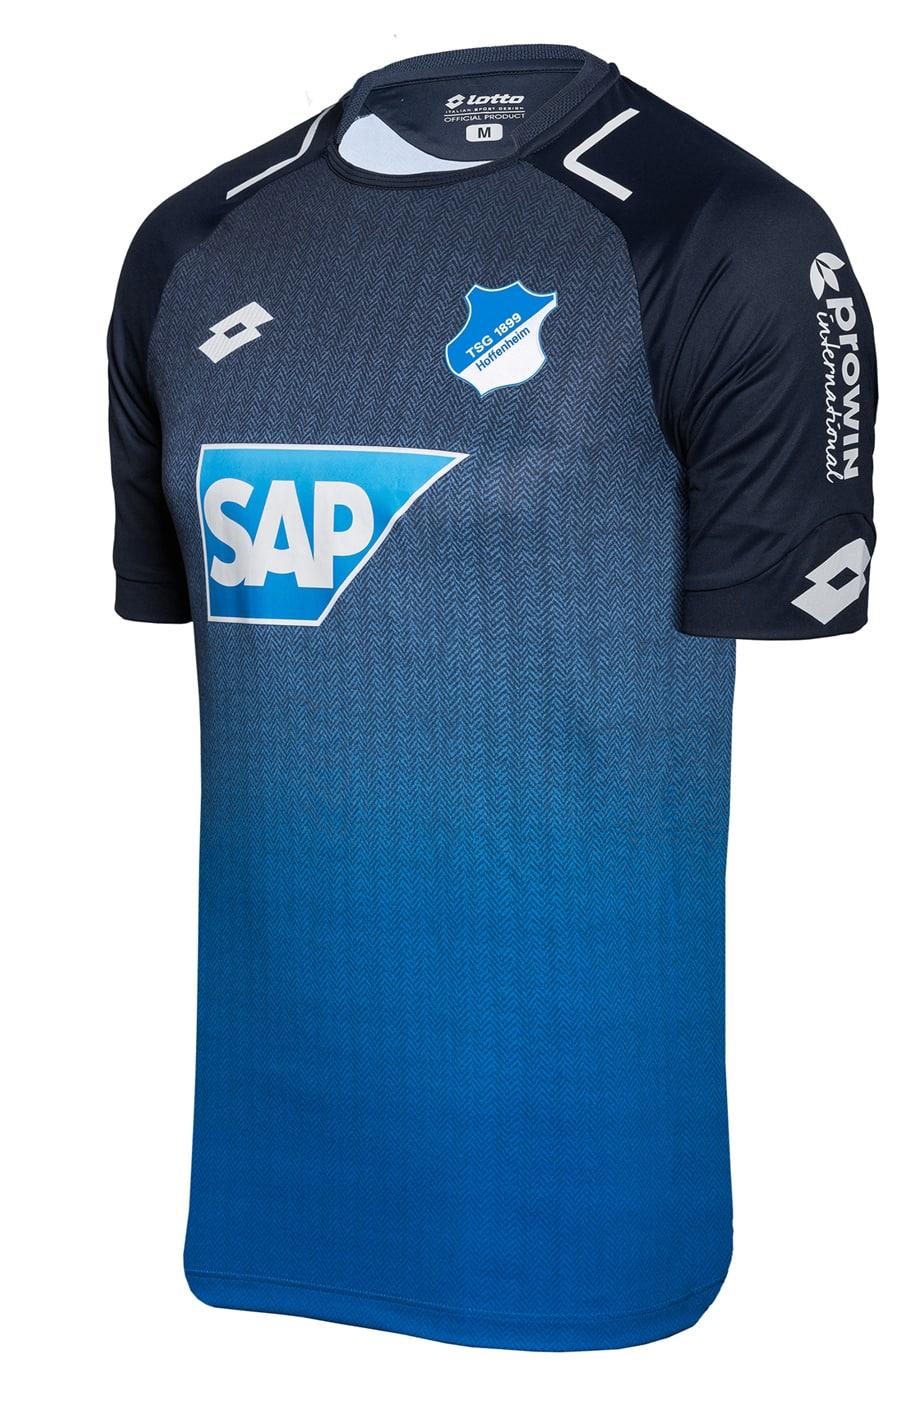 LOTTO-Maillot-Domicile-TSG-1899-Hoffenheim-2017-18